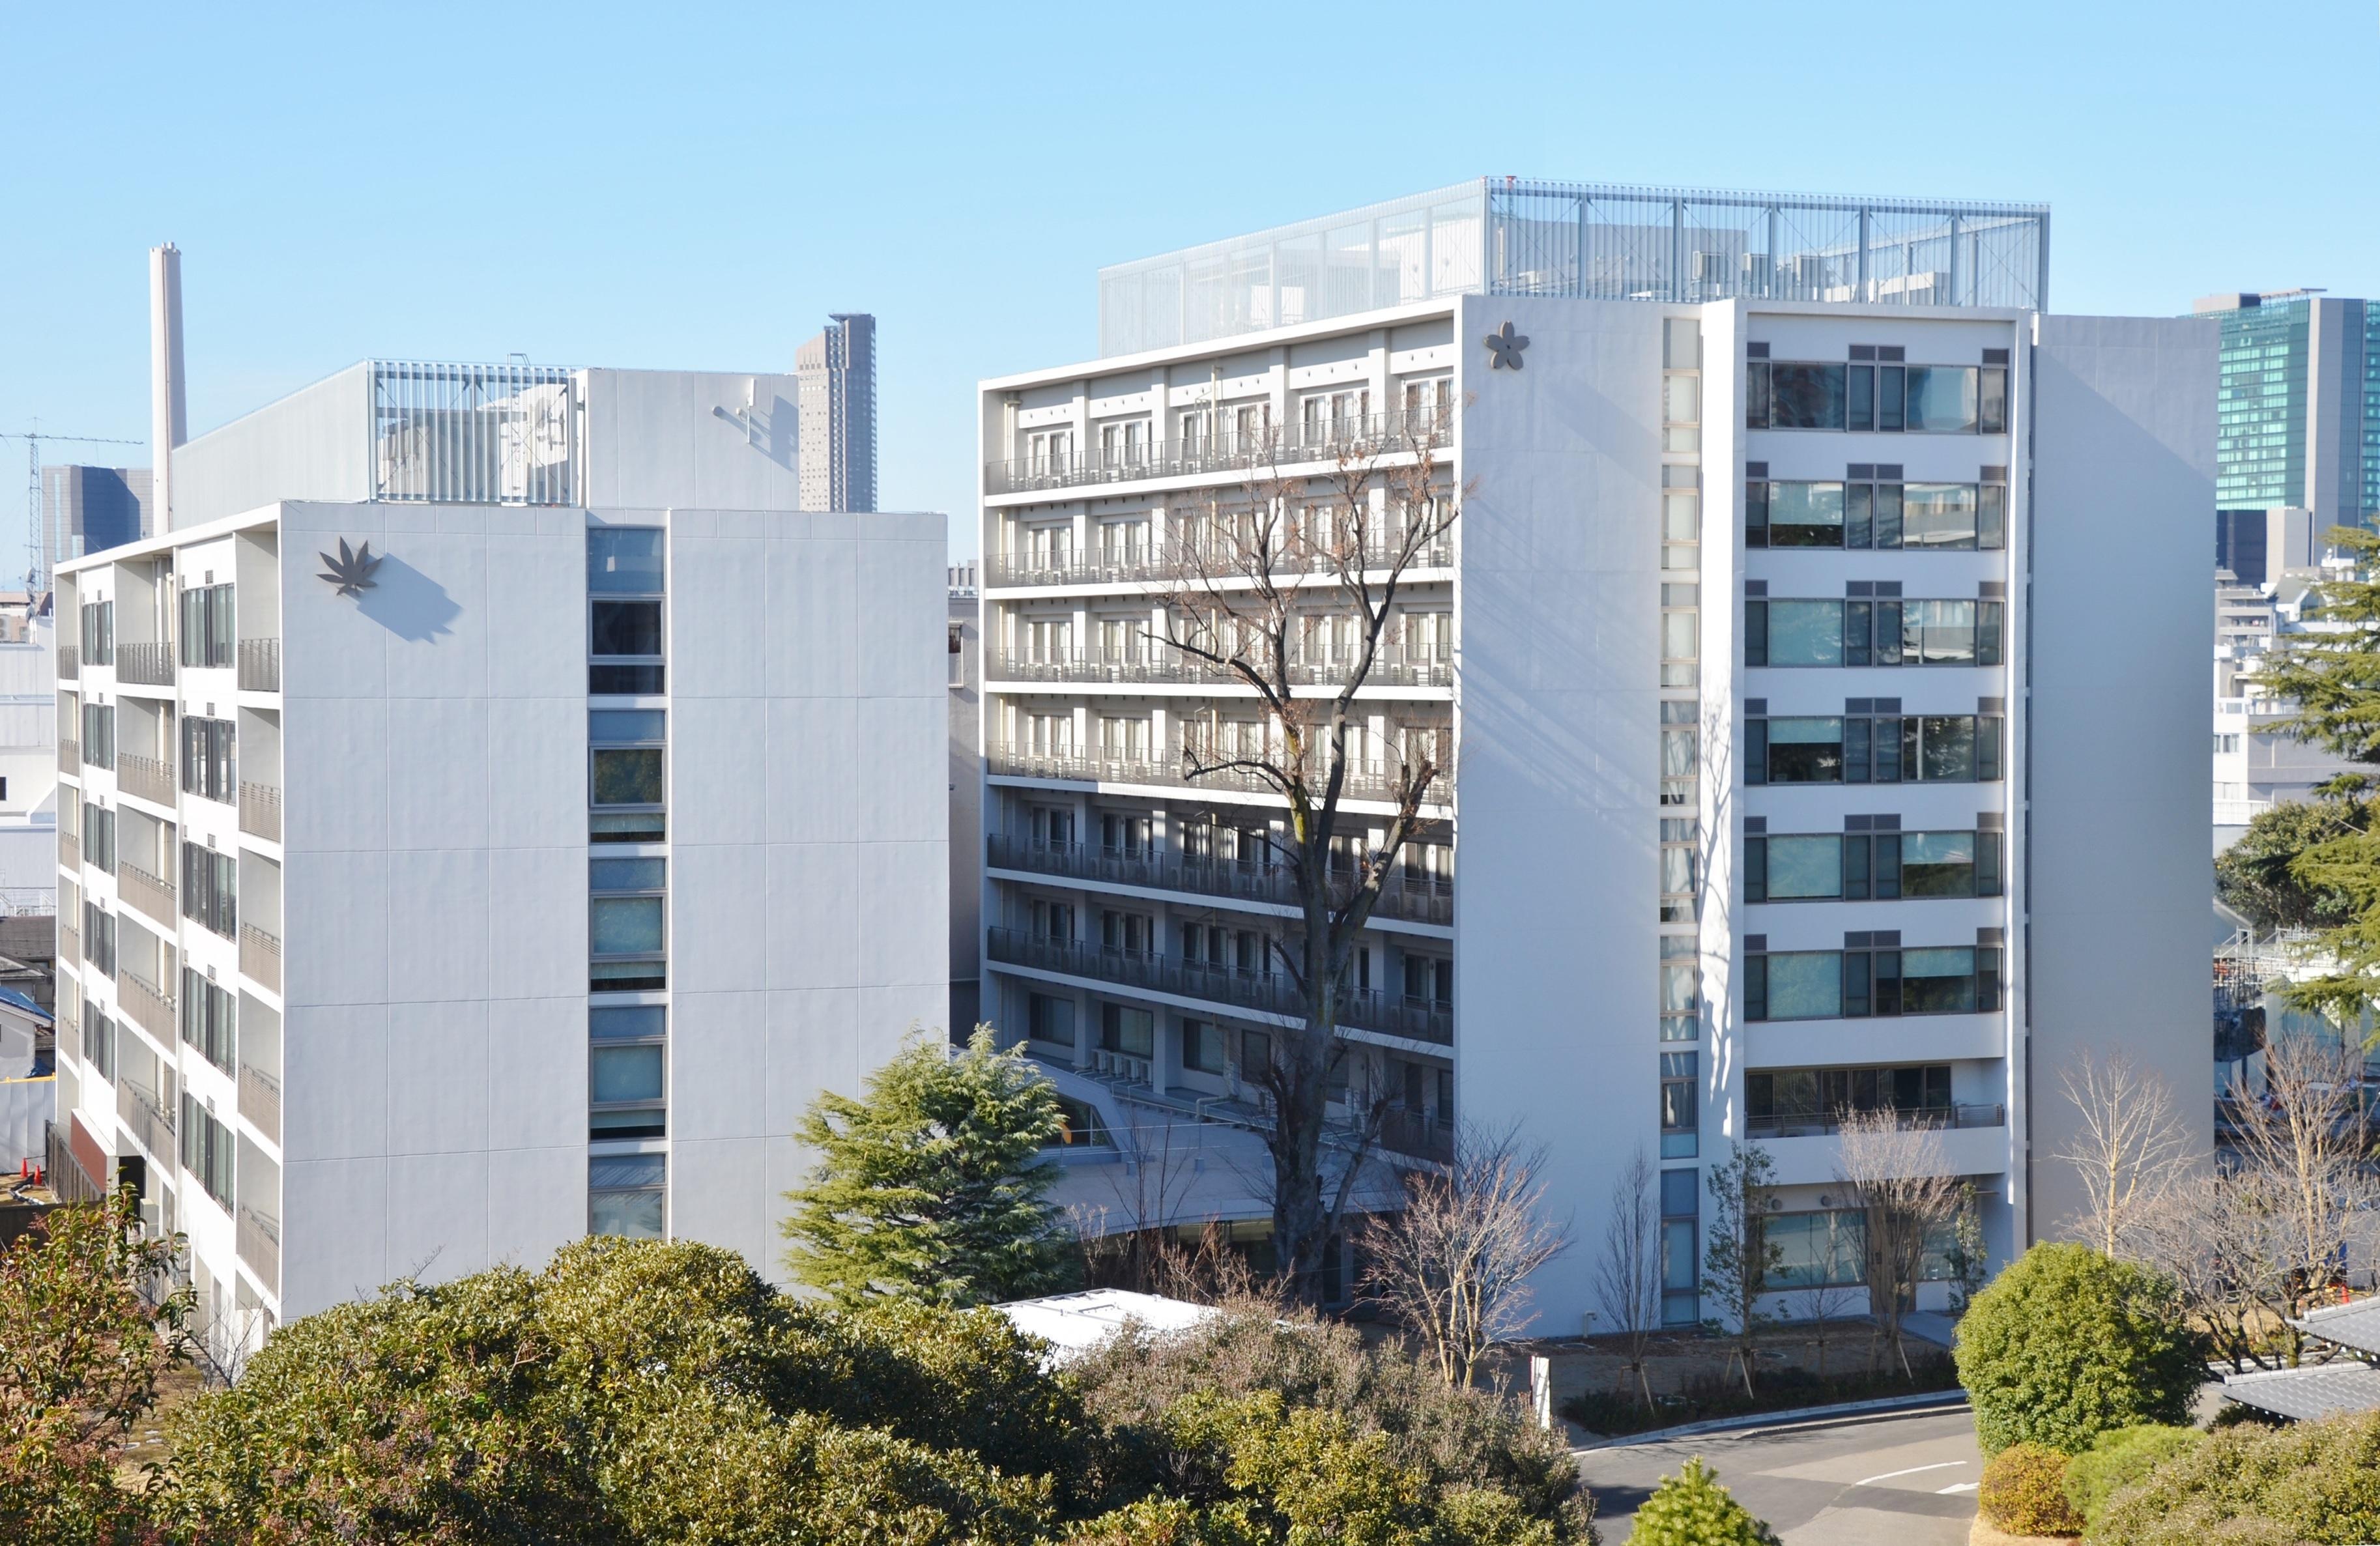 聖心女子大学の新学寮棟が完成 -- 国際寮としても機能、これからのグローバル社会に適応できる人材を育成